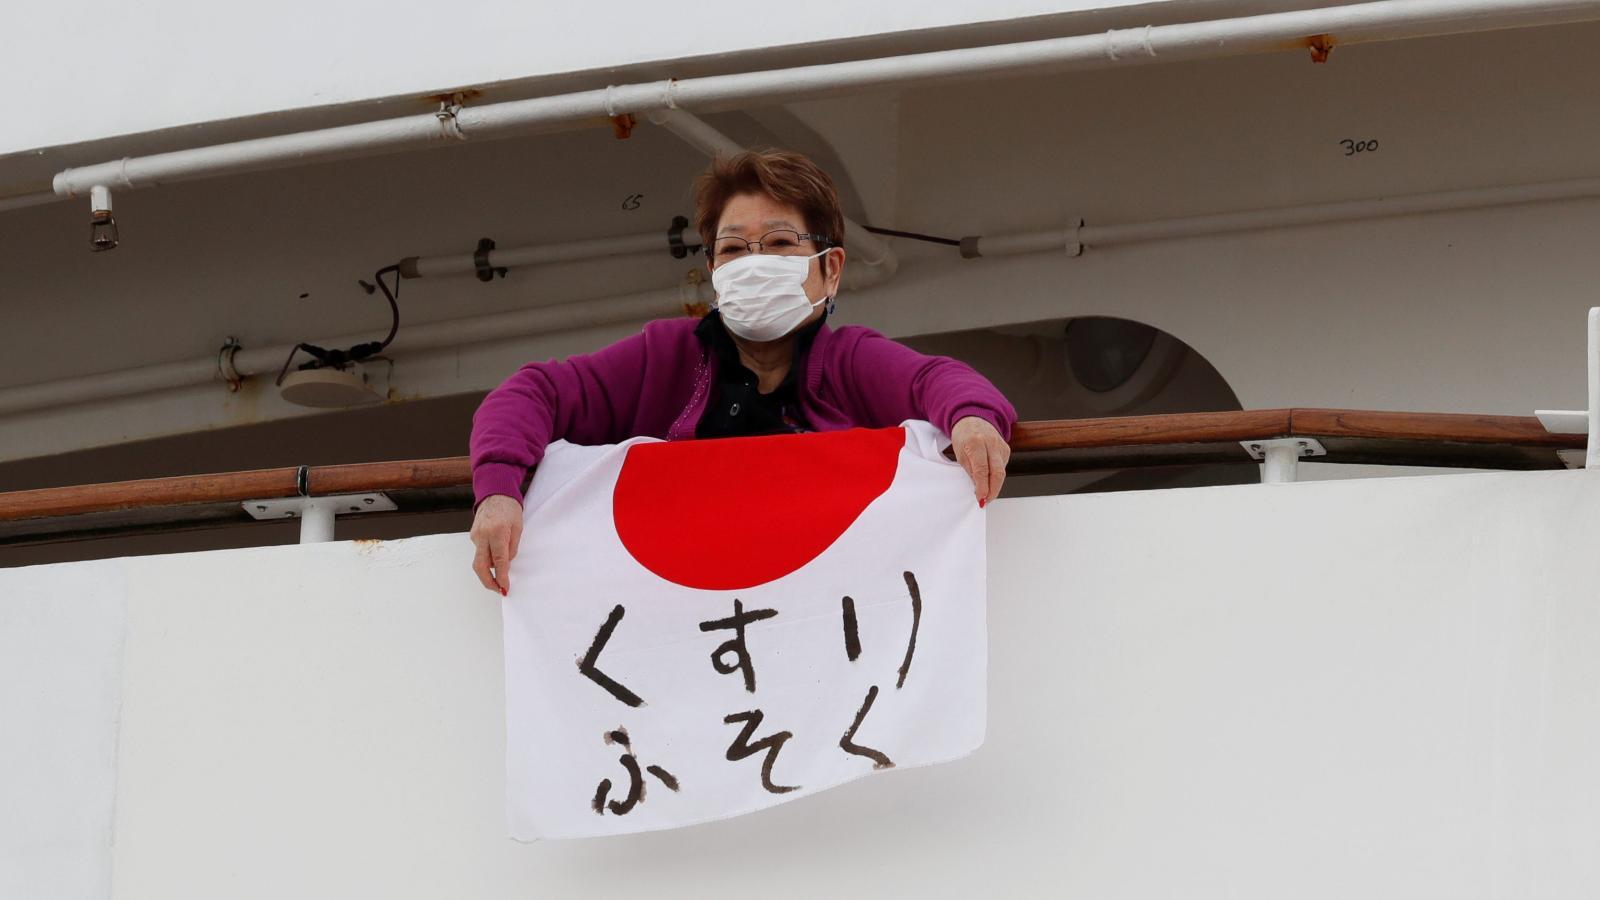 Japan cruise ship coronavirus cases exceed 60 — Quartz